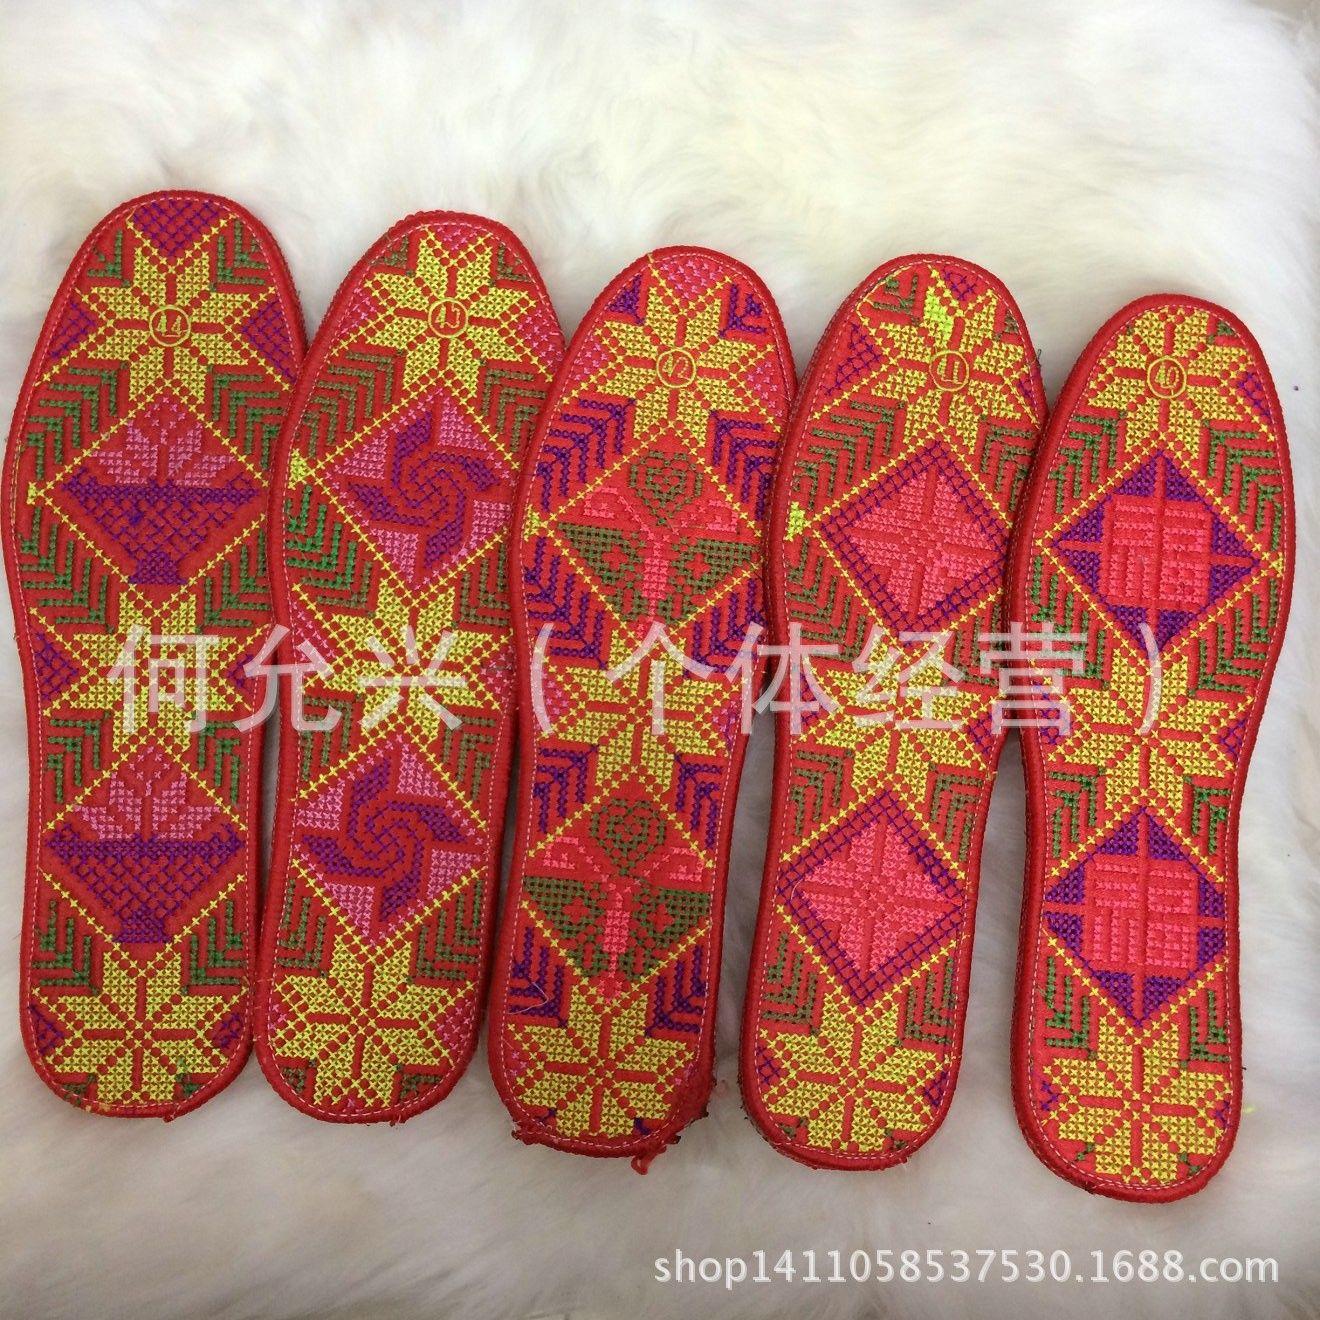 鞋垫批发 十字绣鞋垫纯棉针孔 千层布鞋垫 跑江湖地摊暴利产品